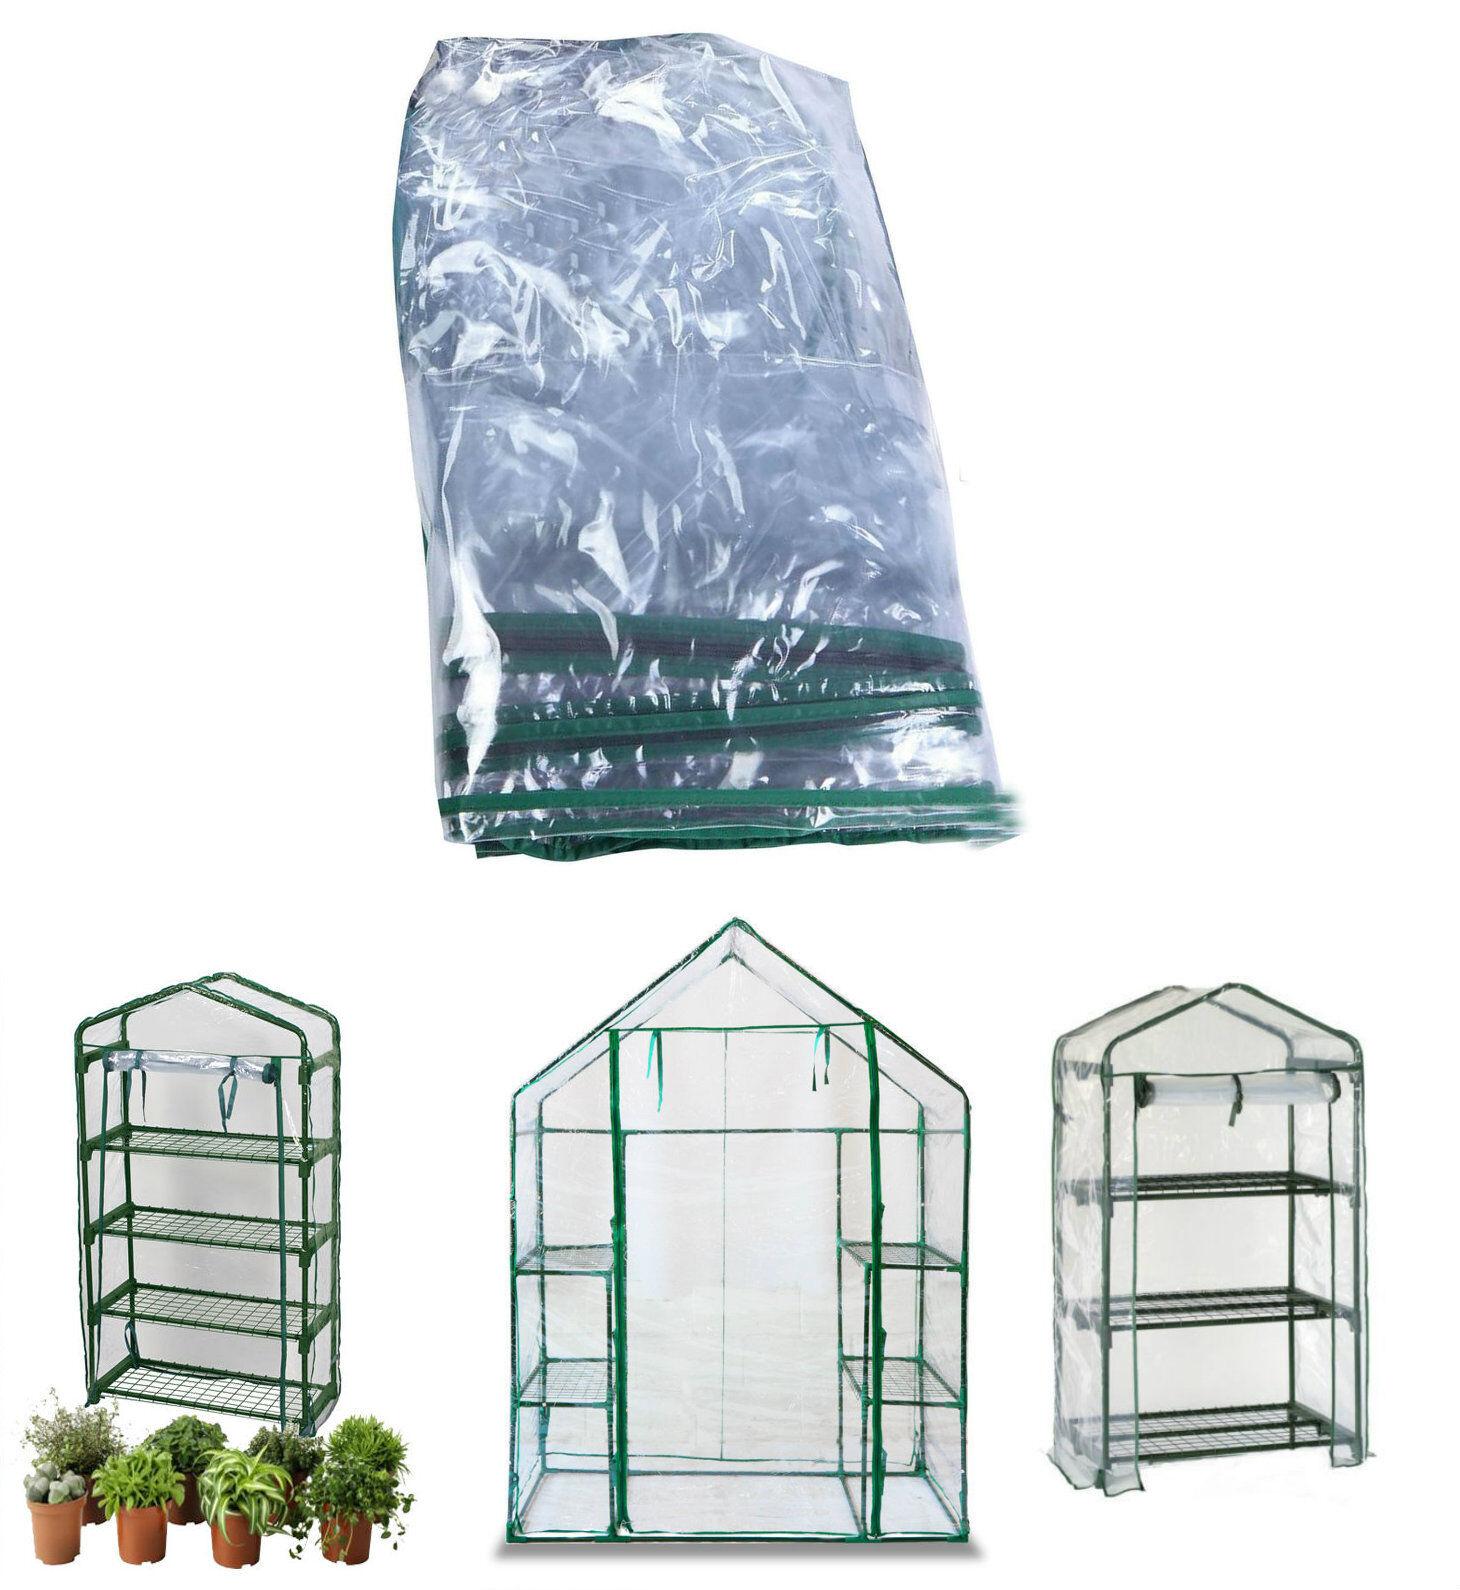 ersatzteil pvc abdeckung f r zum begehen glashaus gr n. Black Bedroom Furniture Sets. Home Design Ideas